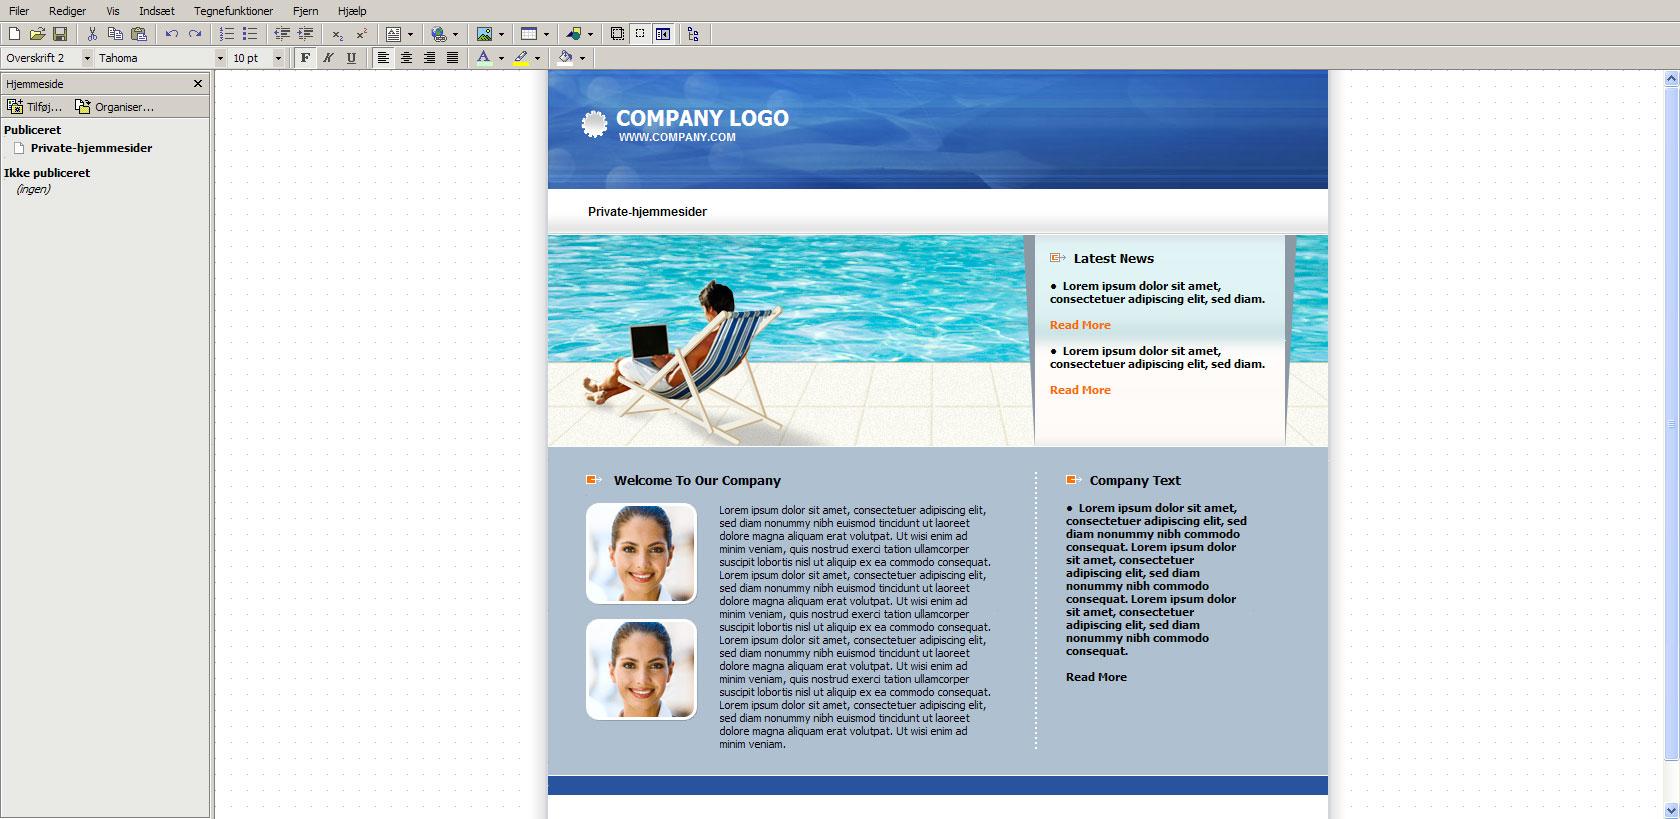 Ændring af hjemmeside via hjemmeside programmet hos One